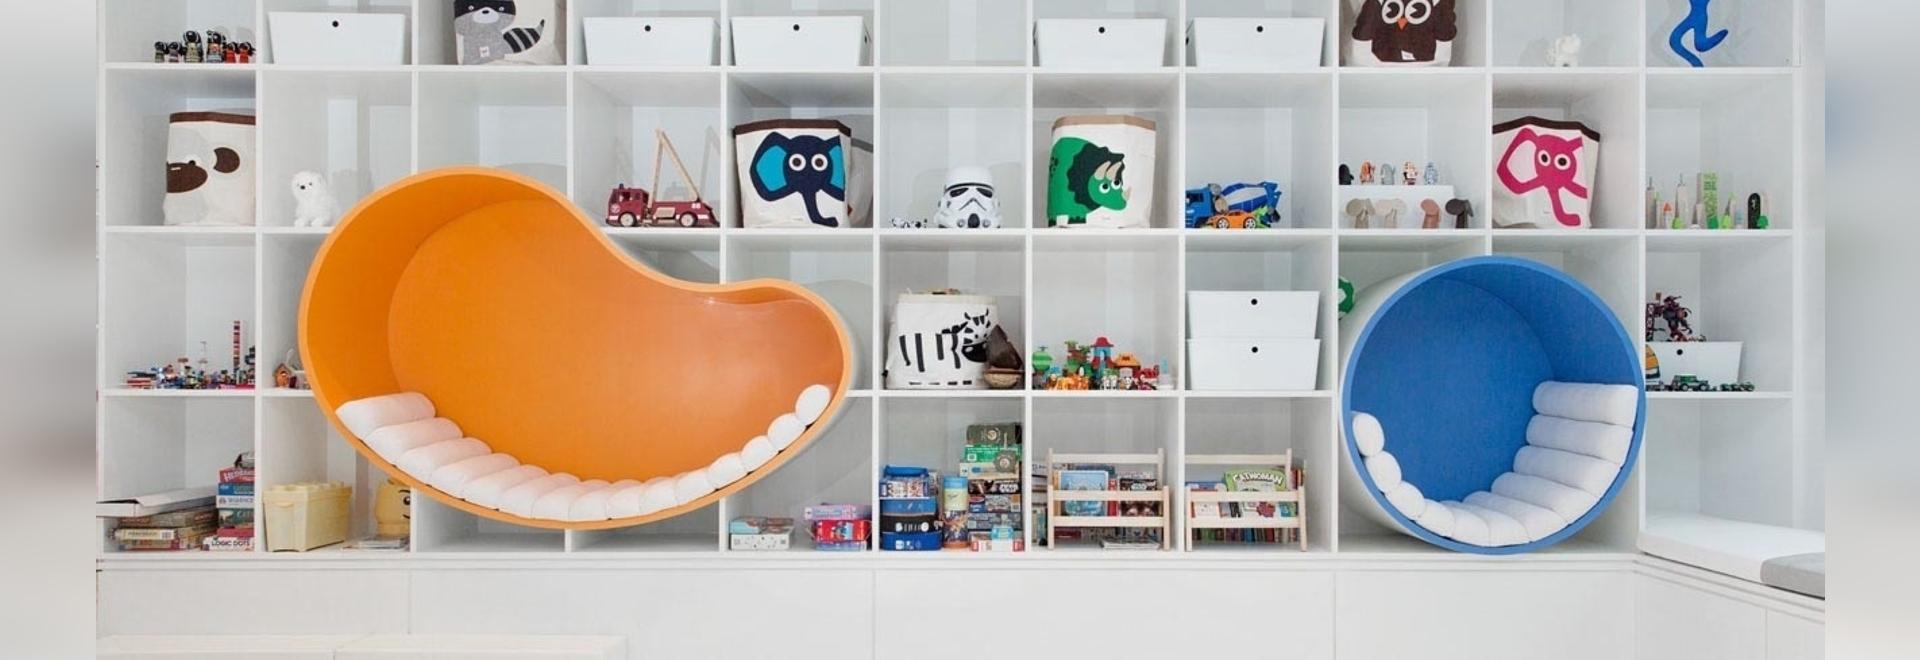 Des coins pour s'asseoir ont été intégrés à un mur d'étagères dans cette salle de jeux pour enfants